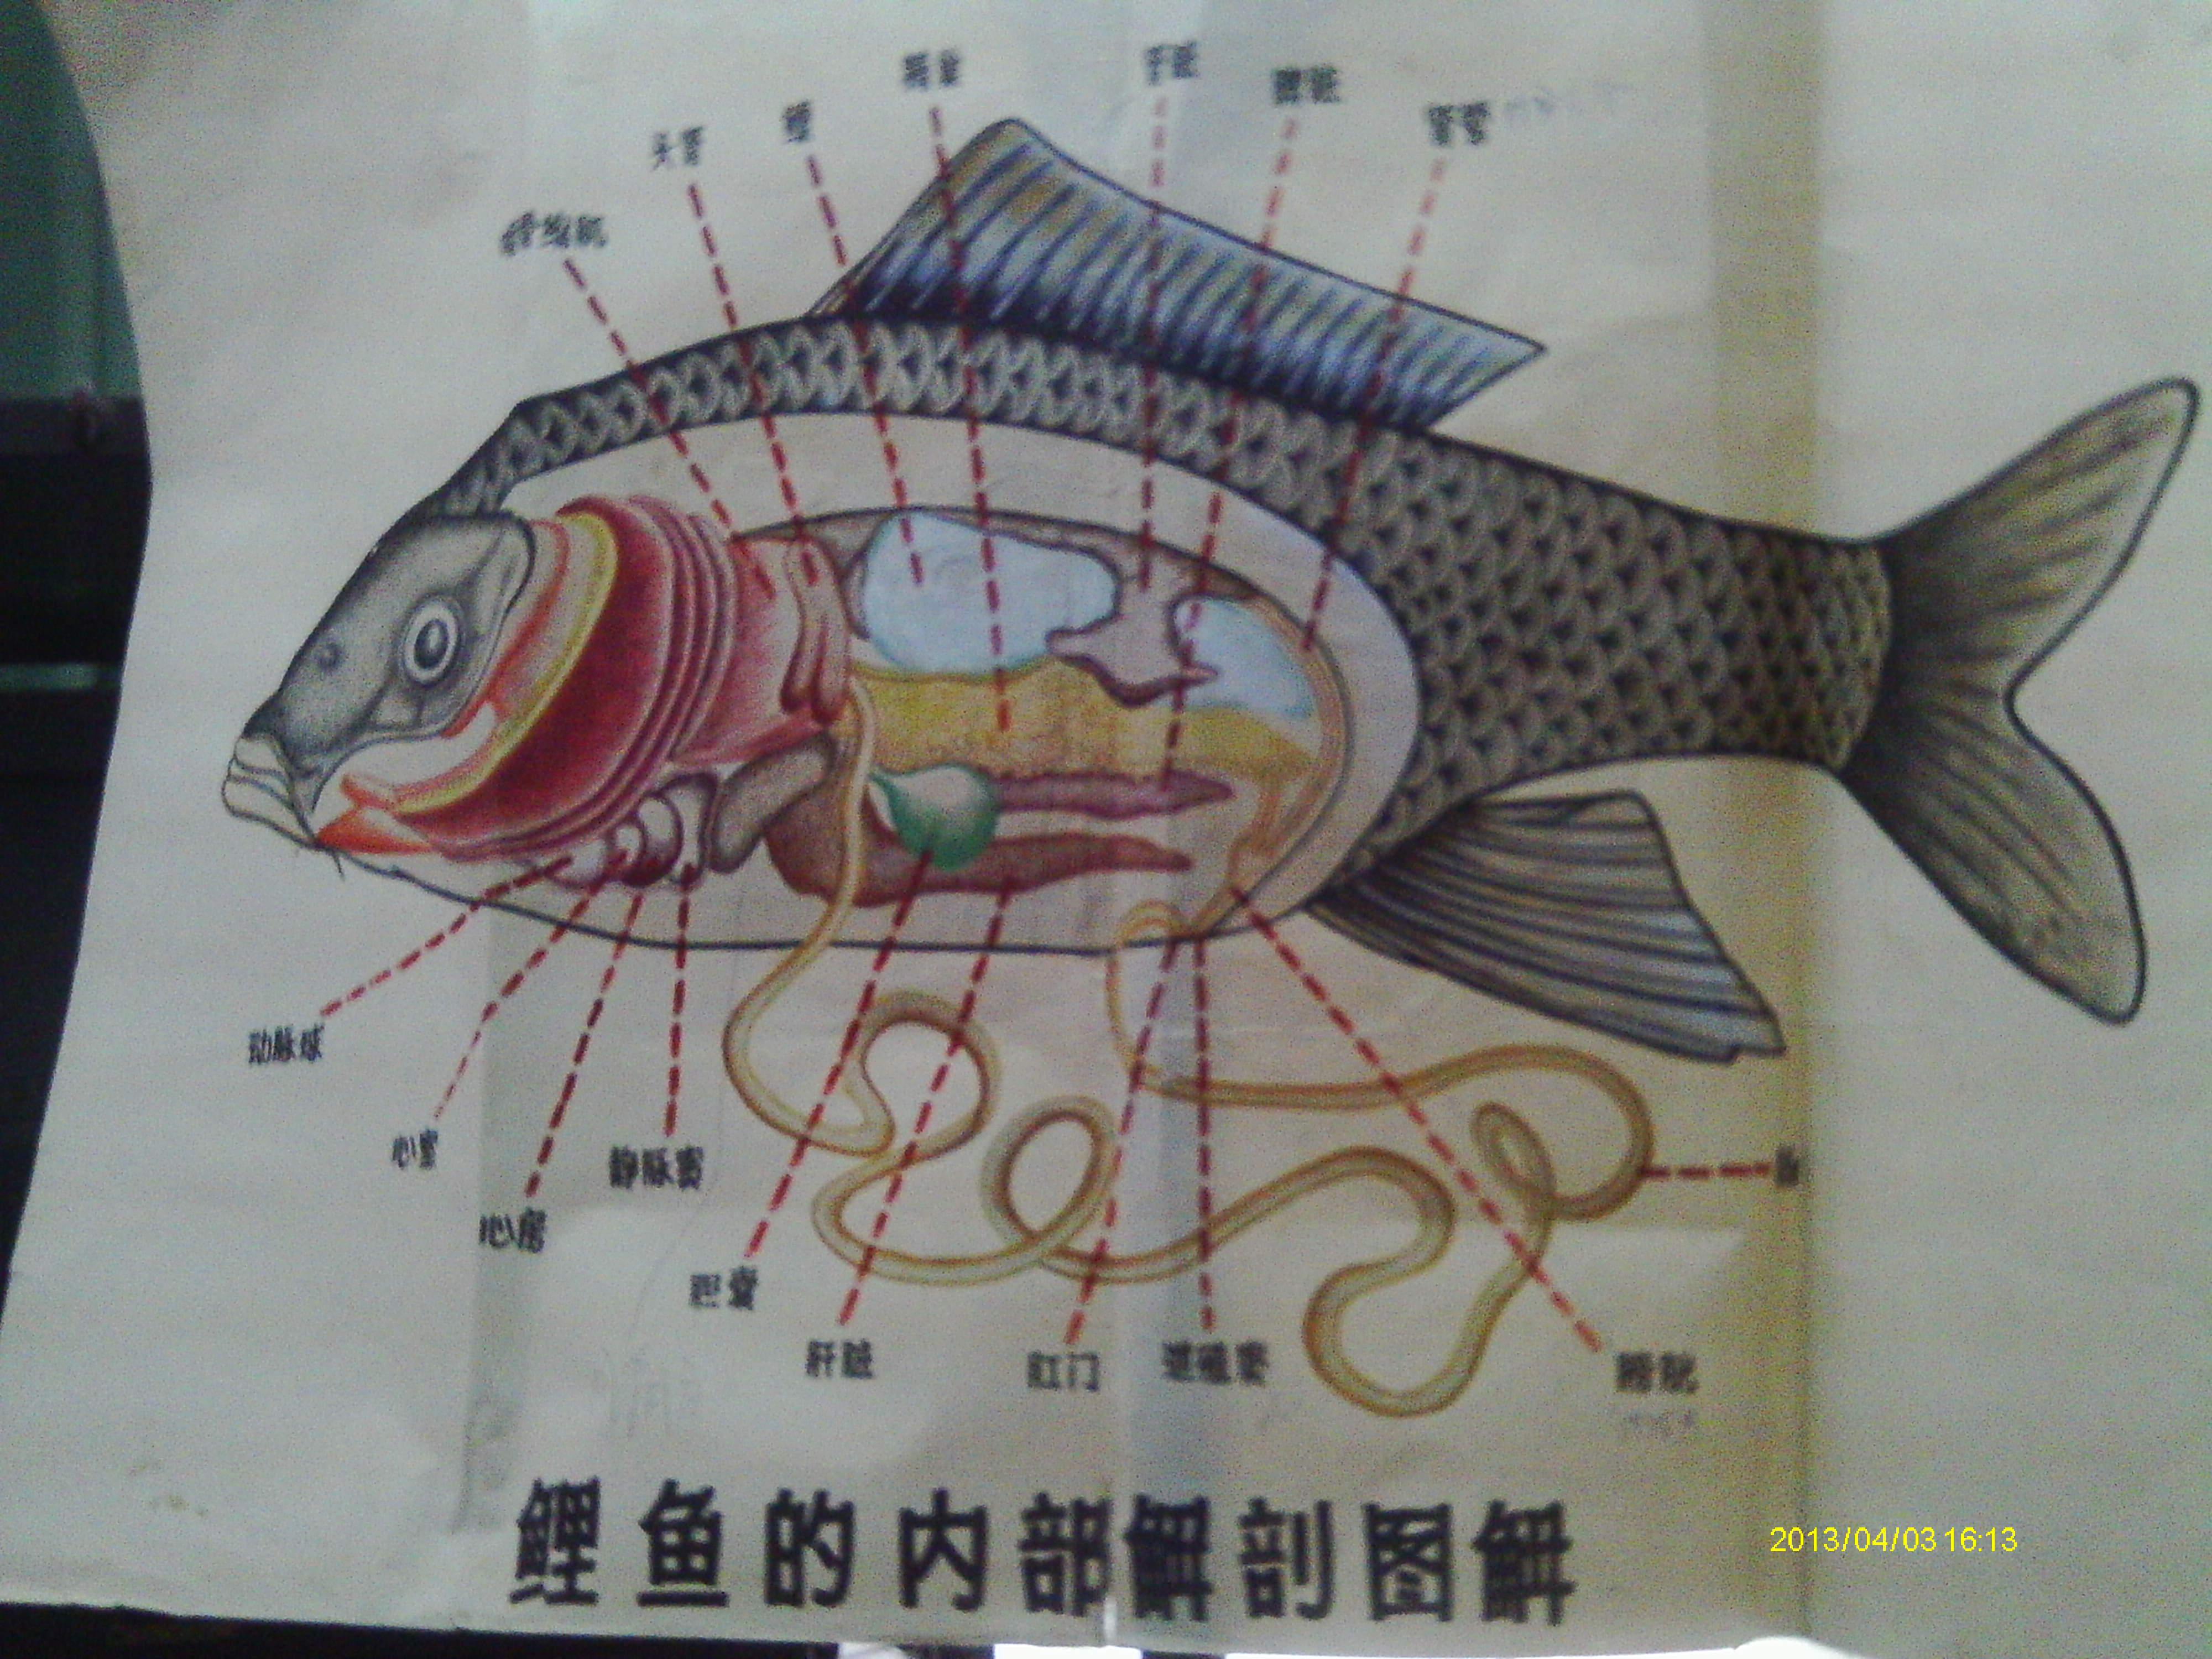 杀鱼的动物学实验 - 逝去的青春